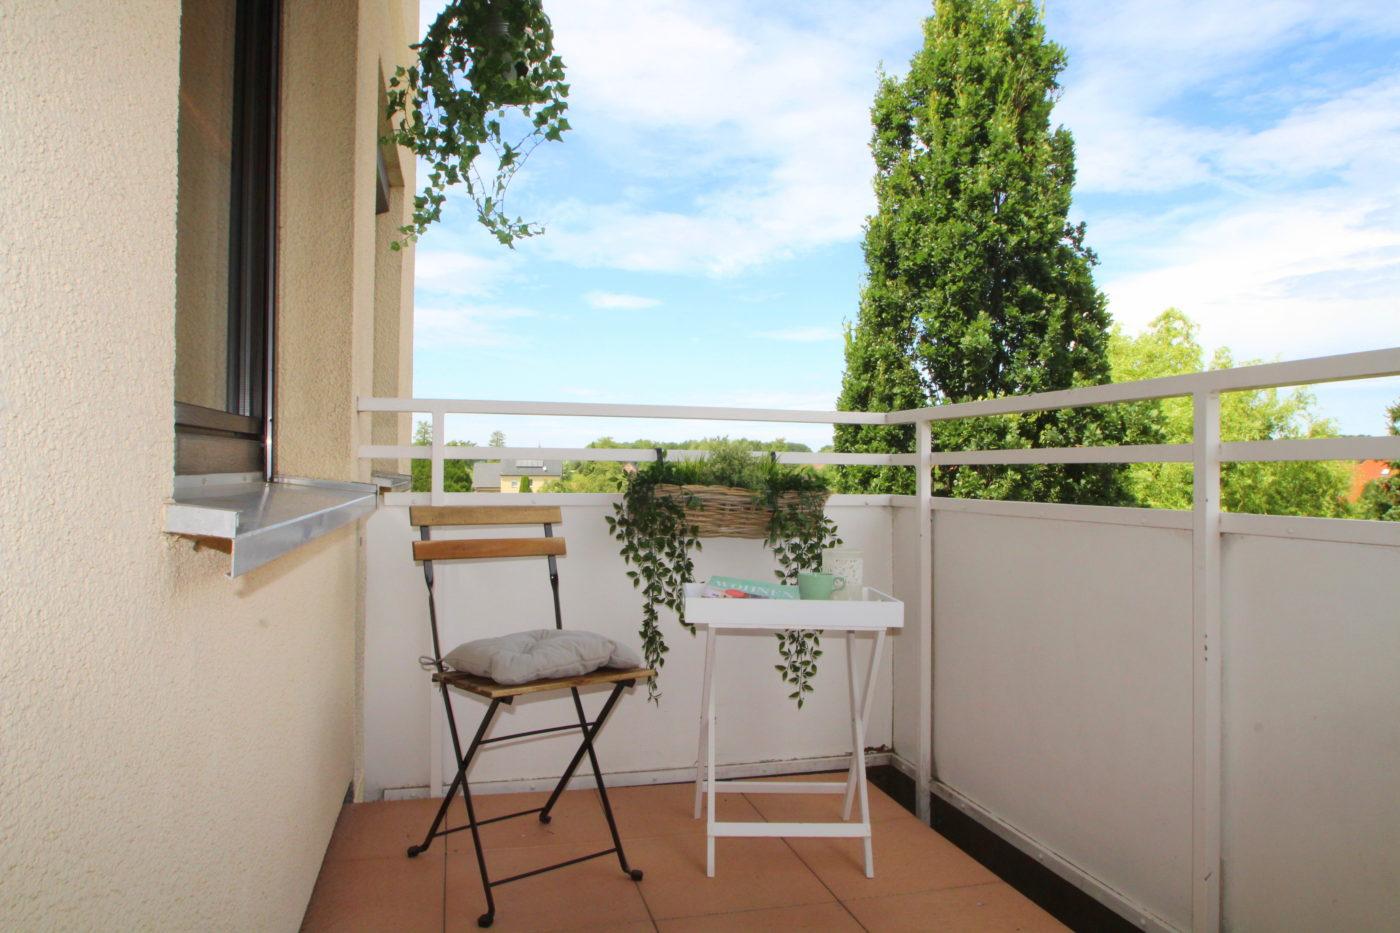 Balkon nach dem Homestaging durch Nicole Biernath von Blickfang Homestaging in Soest